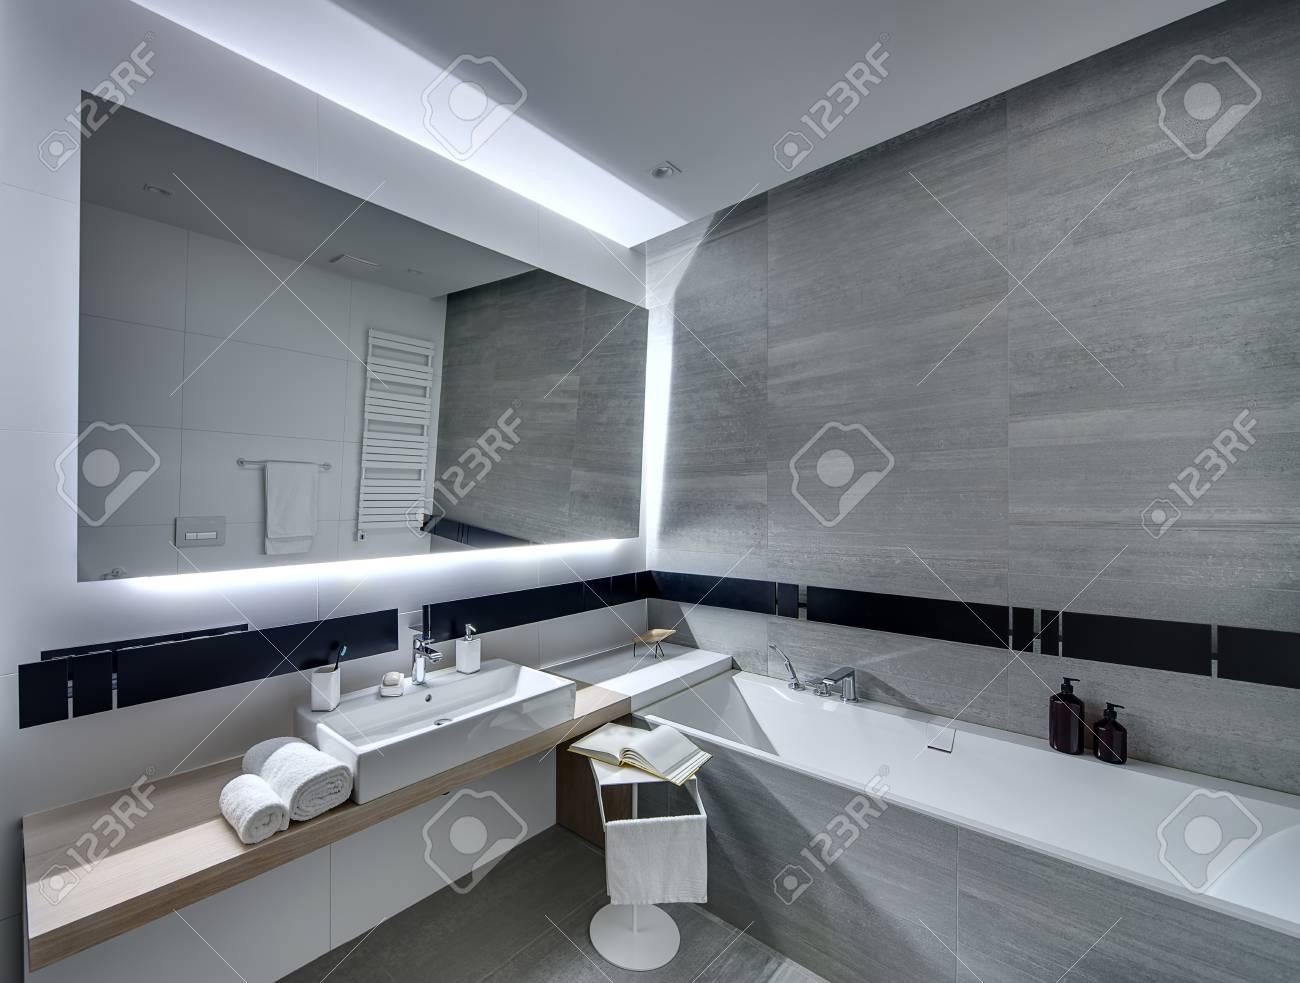 Modernes Badezimmer Gefliest Mit Den Weißen Und Grauen Fliesen. Es ...